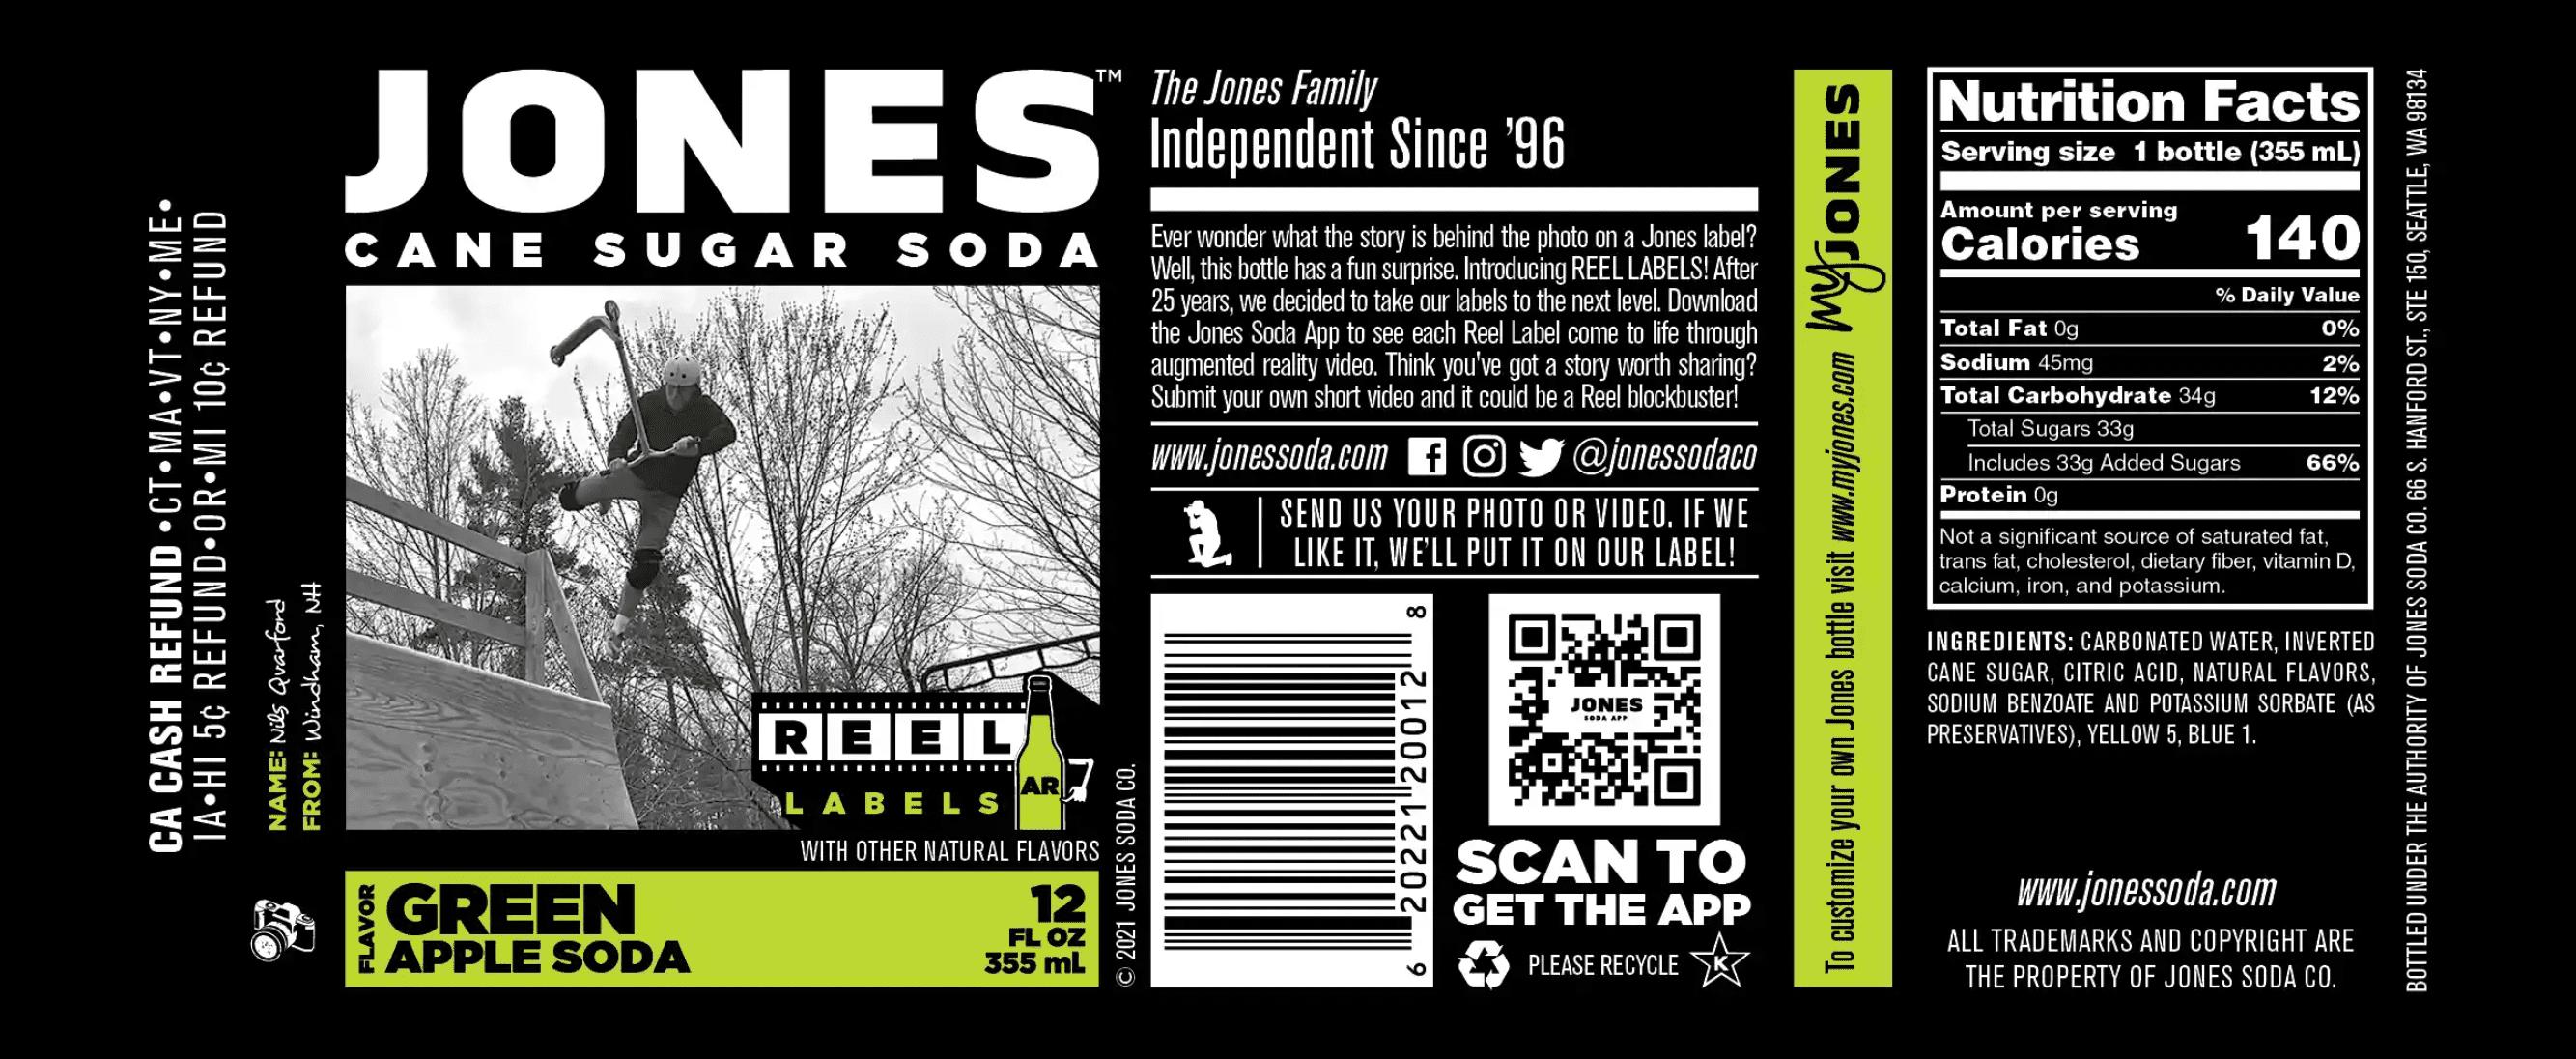 The new AR Label for Jones Soda's Green Apple Soda beverage.